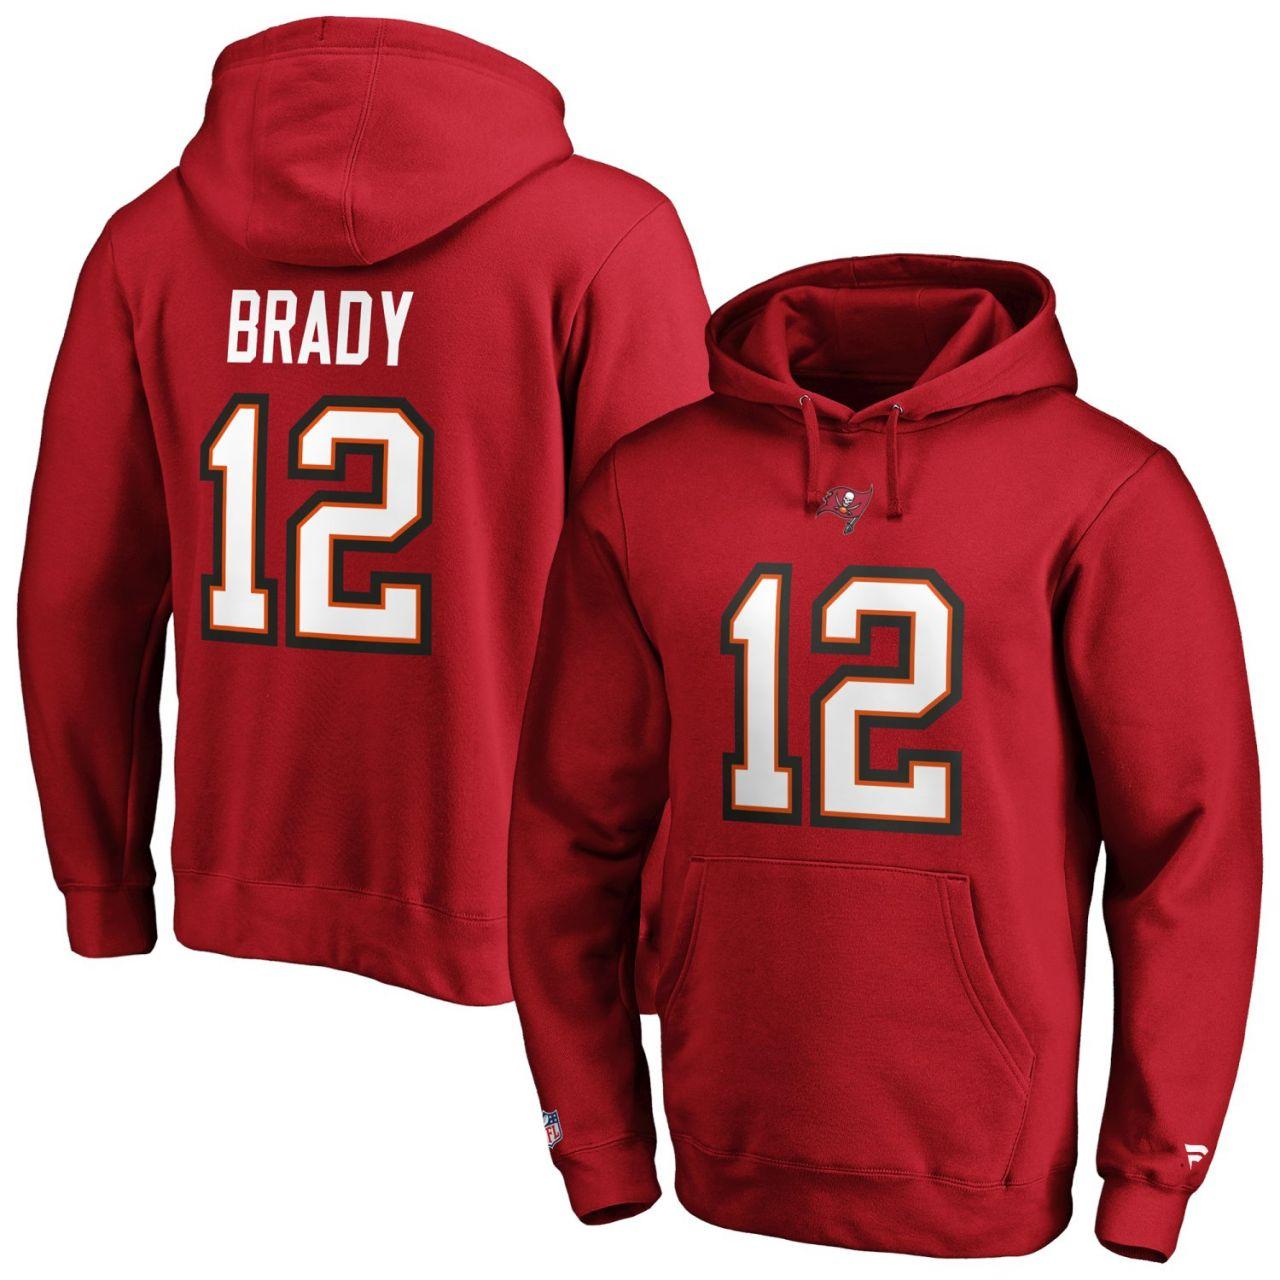 amfoo - Tampa Bay Buccaneers NFL Hoody #12 Tom Brady